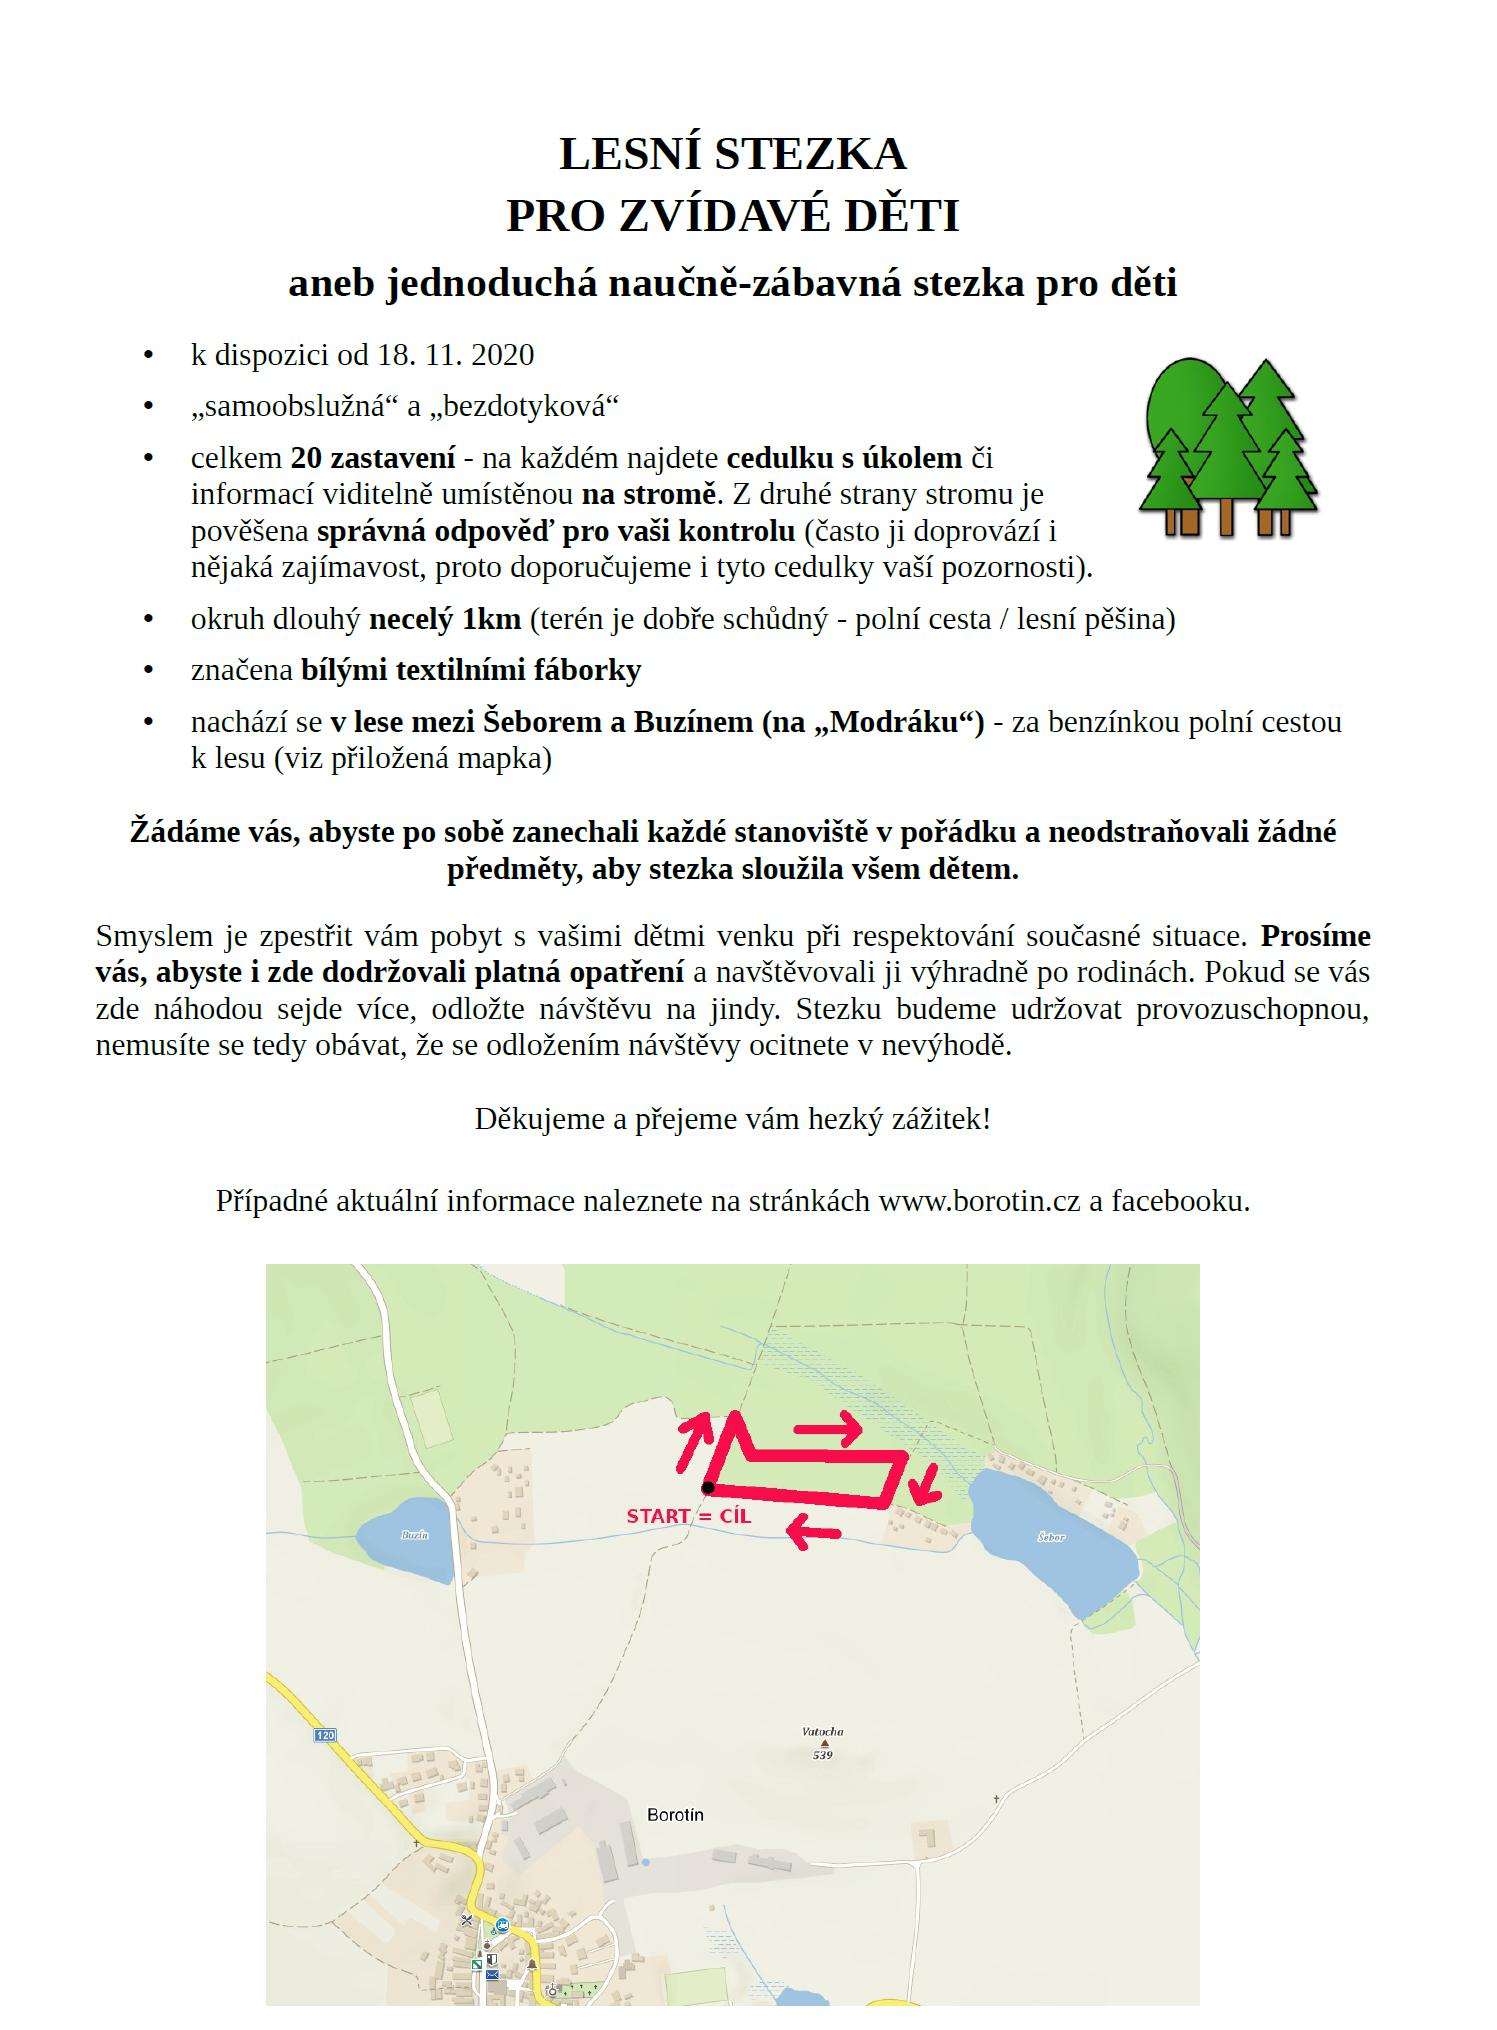 Lesní stezka pro zvídavé děti